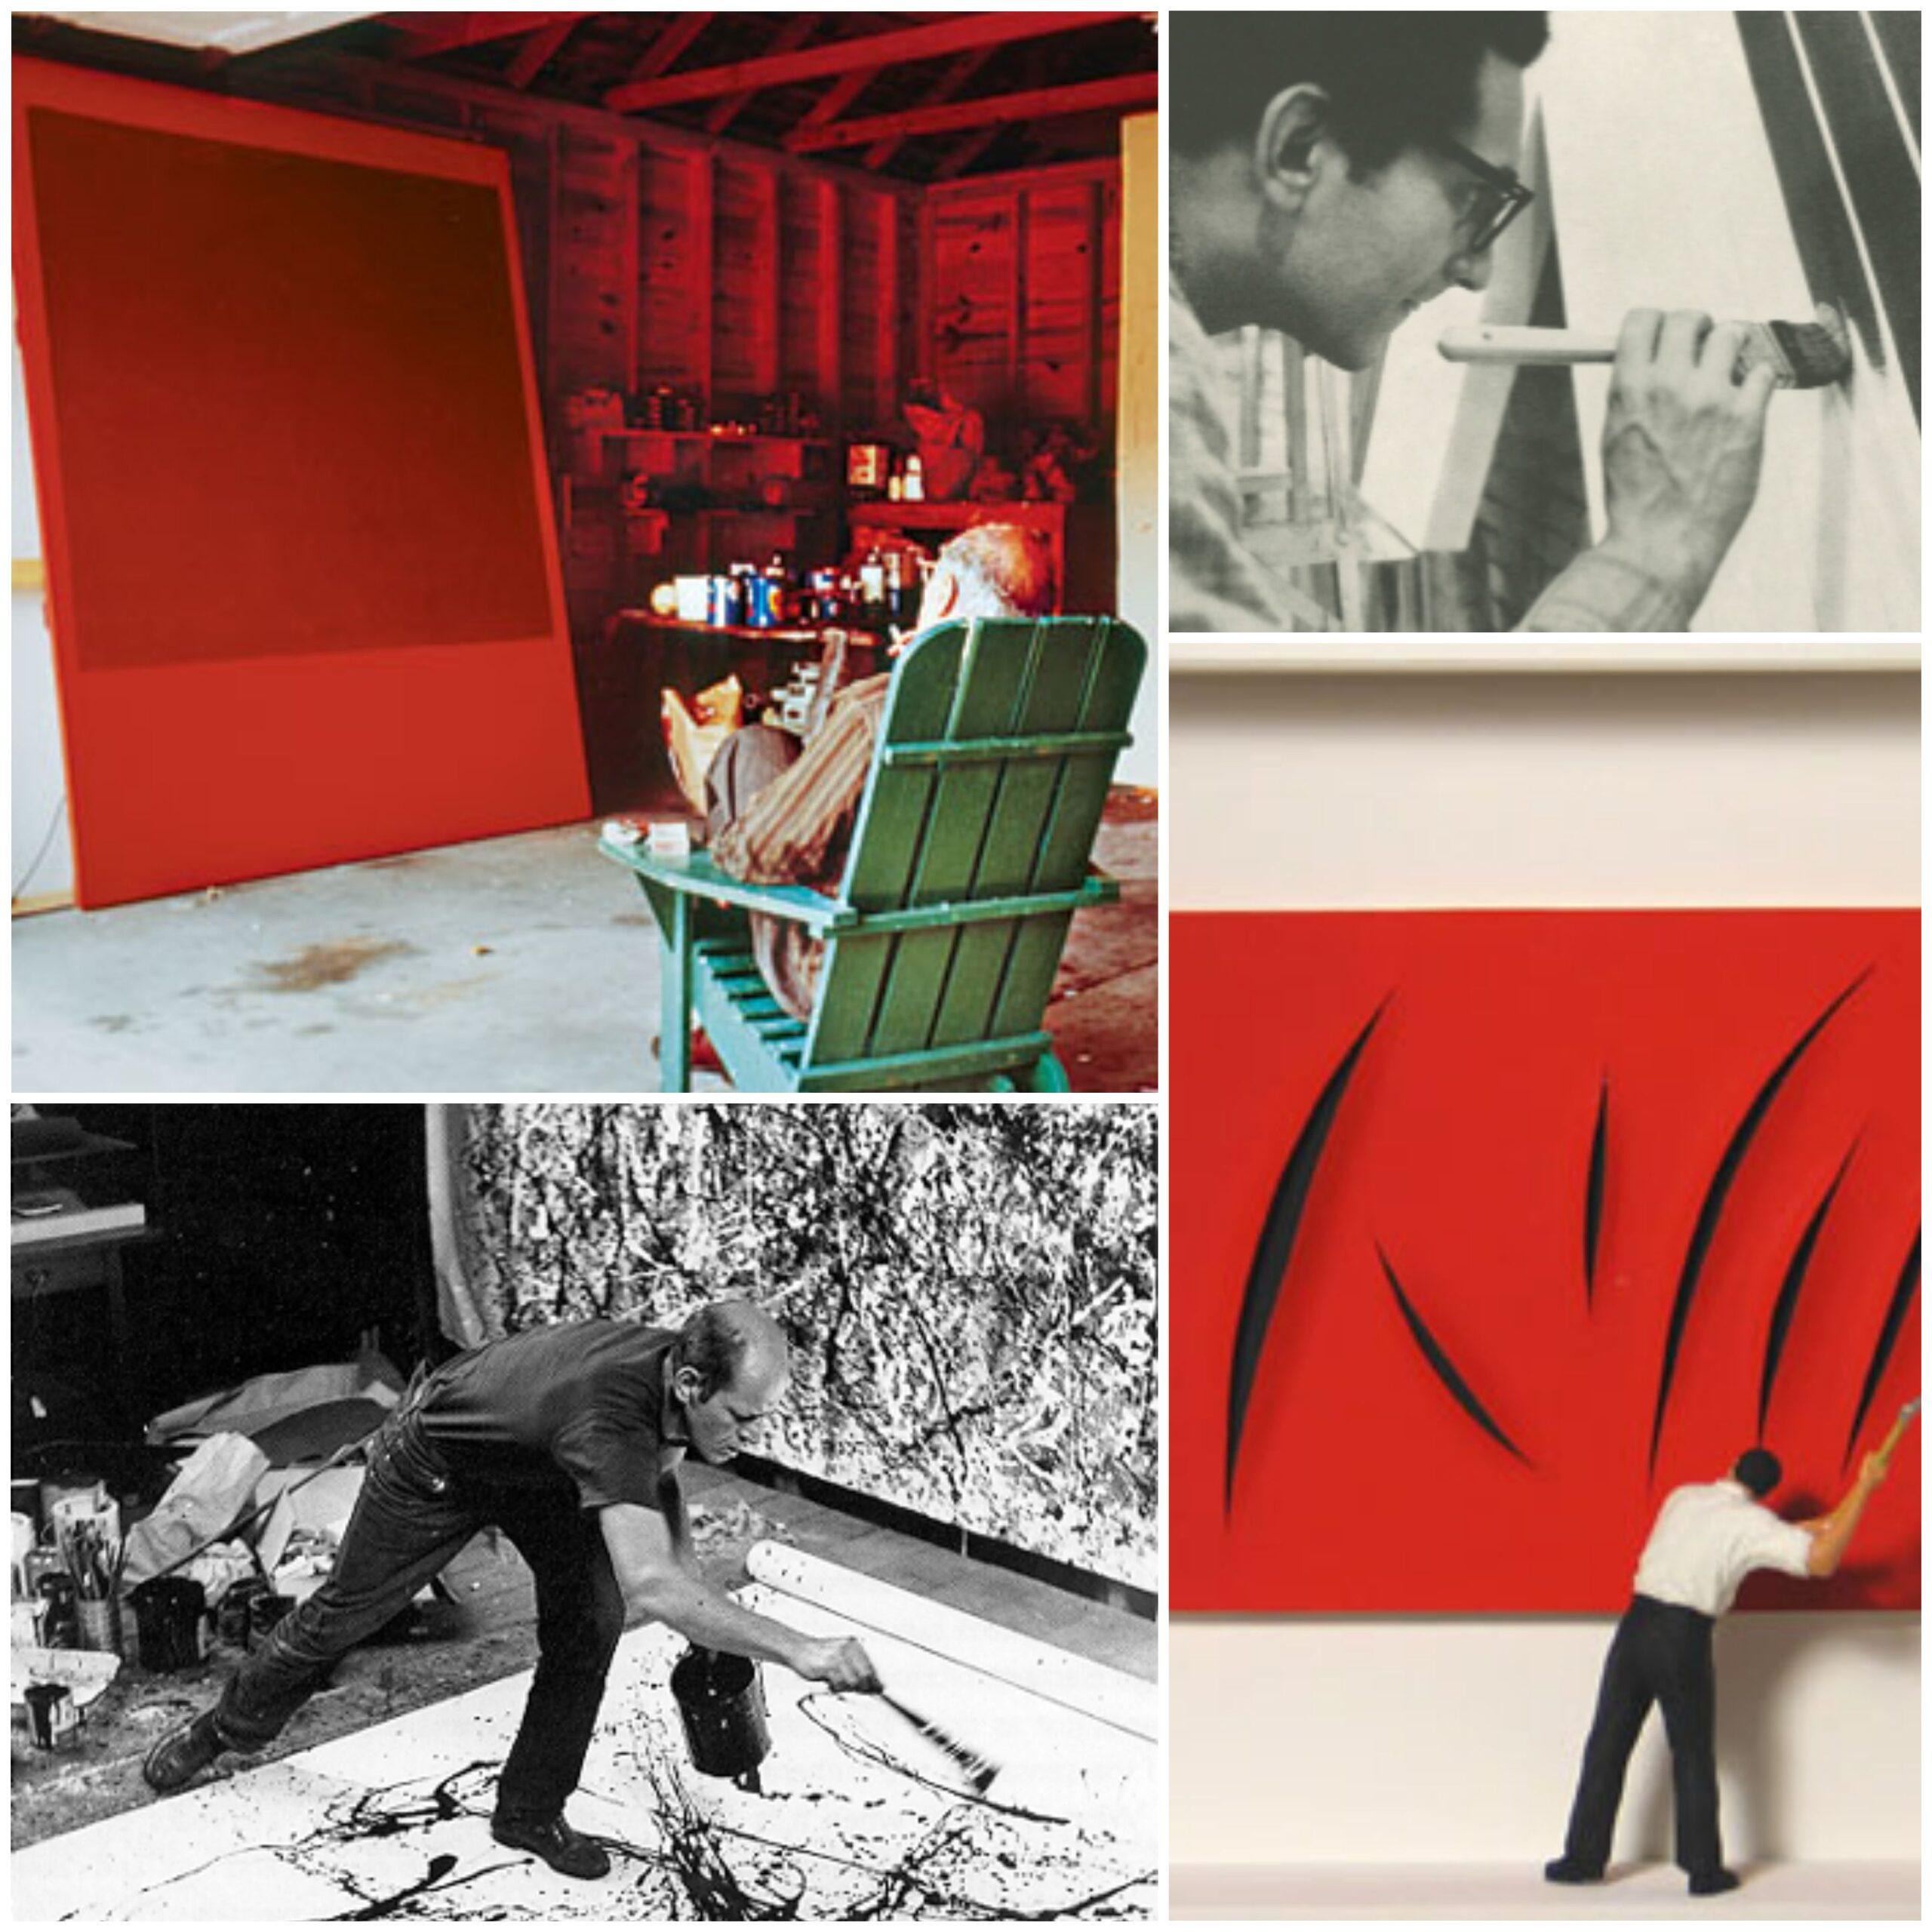 Irányzatok és művészetfelfogások az 1945 utáni nemzetközi művészetben 1 – 4. rész